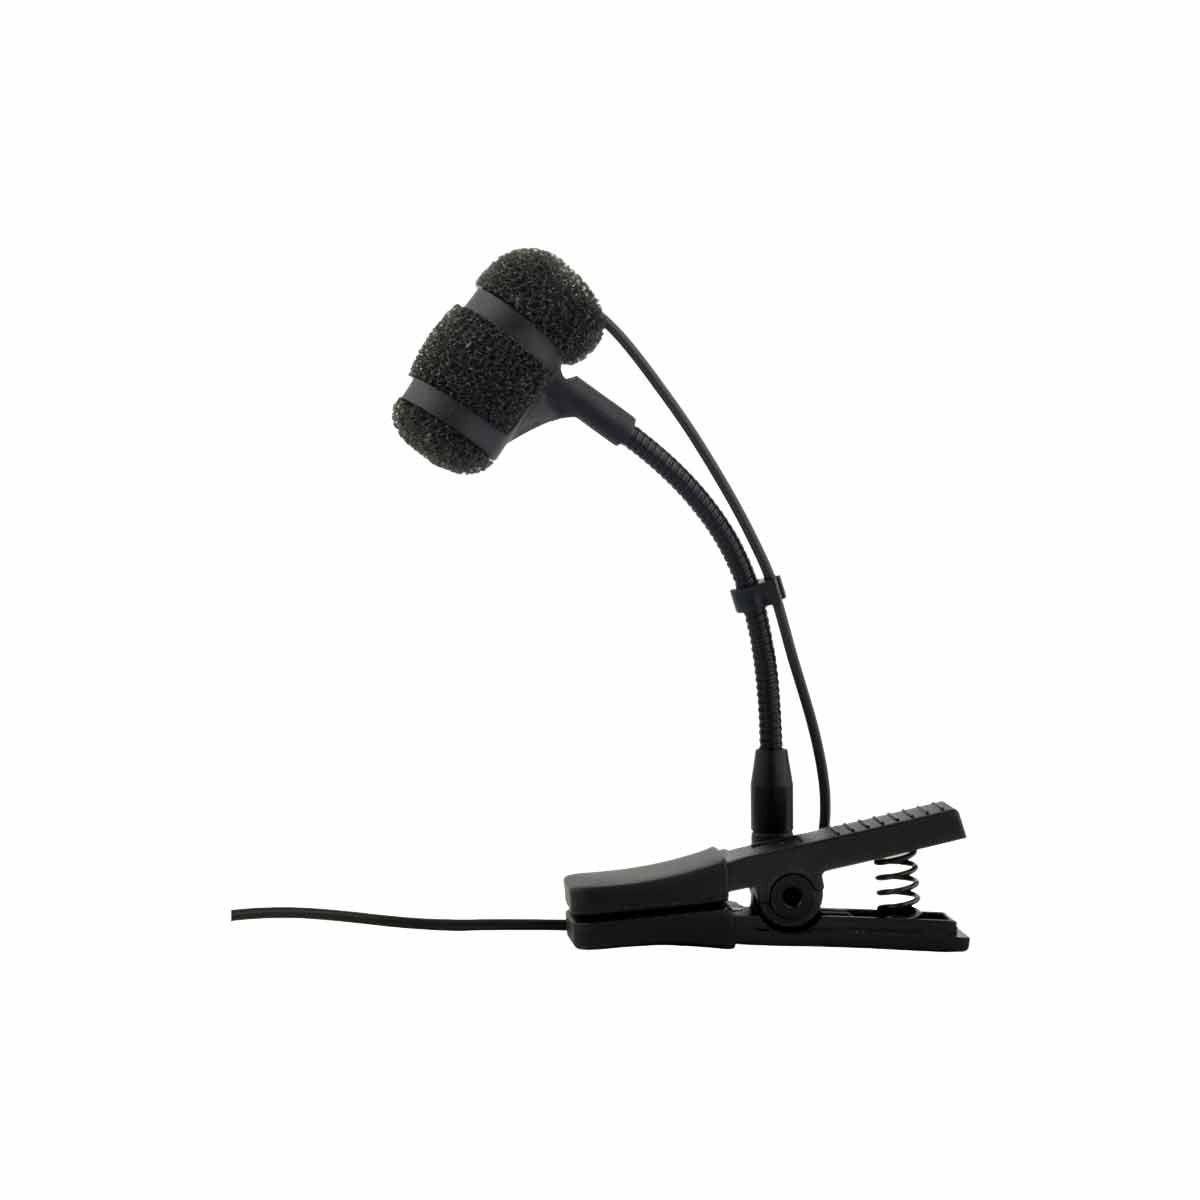 Microfone Lyco Para Instrumentos de Sopro Trompete/Sax